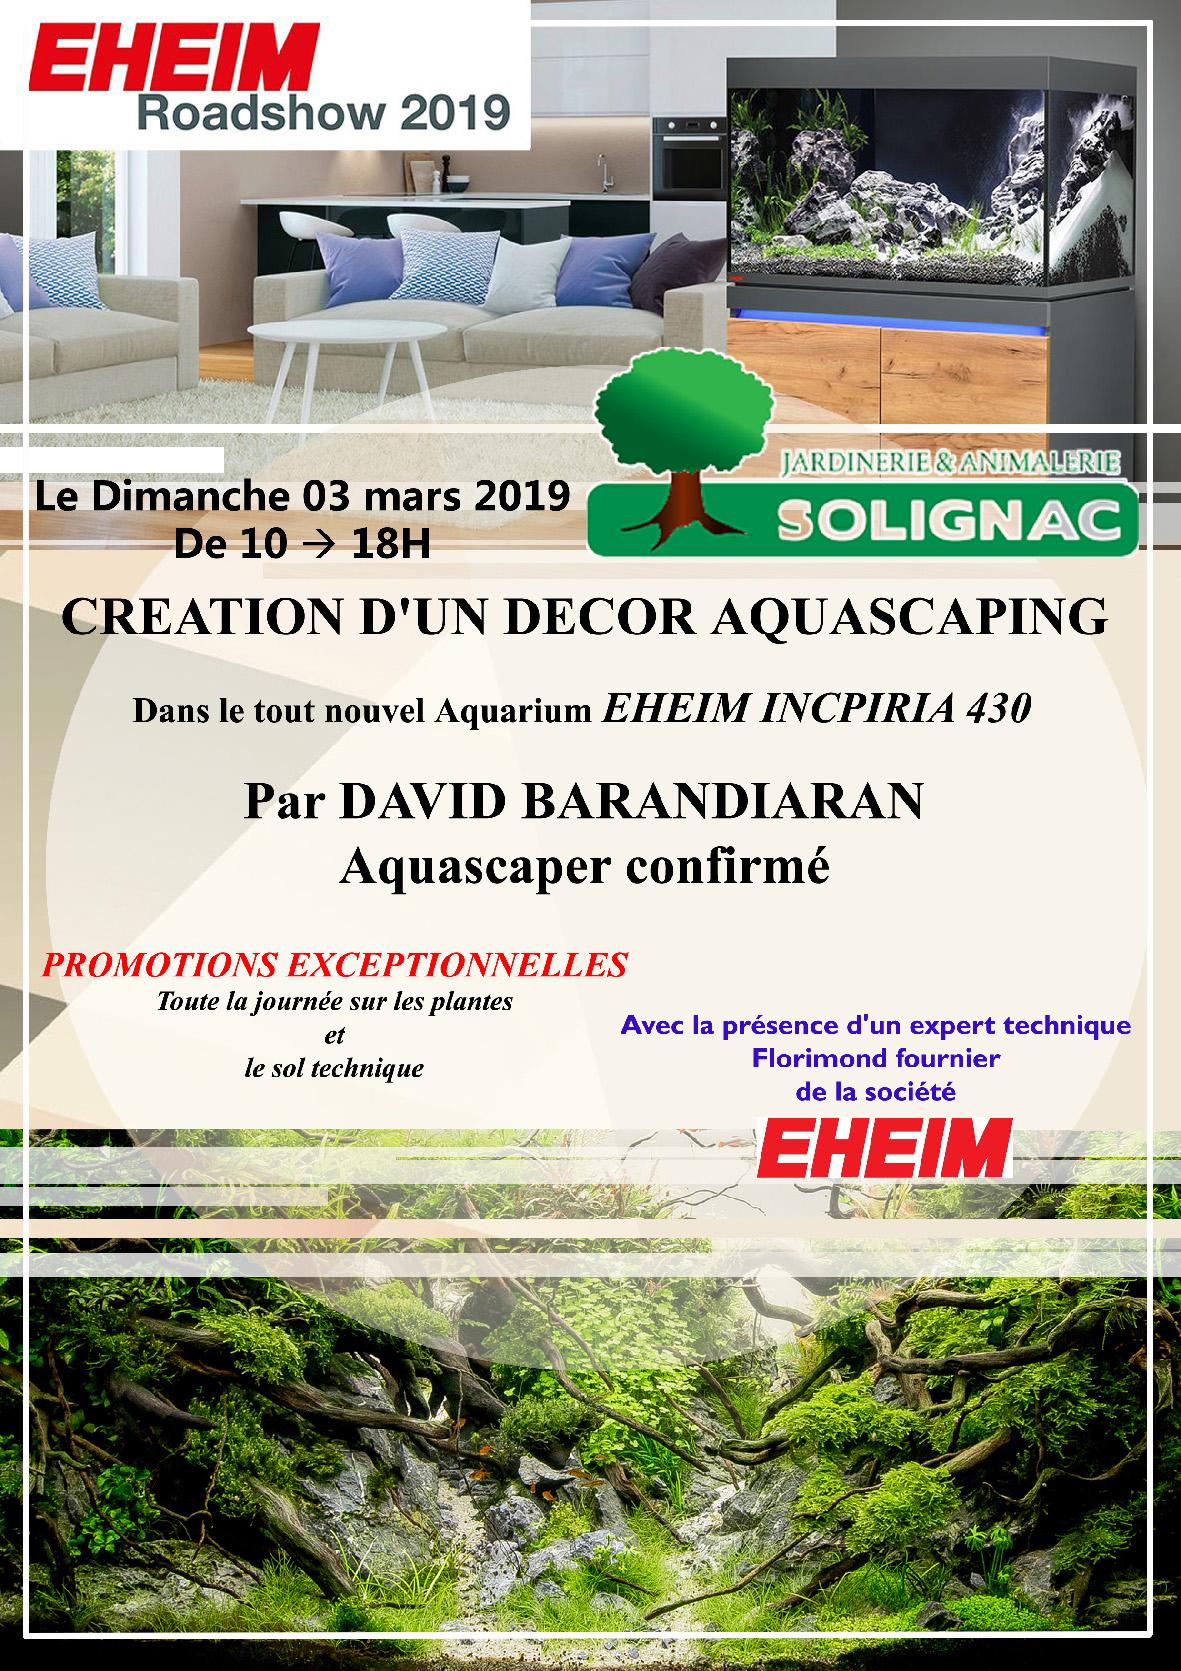 Dimanche 03/03/2019 Nord de Toulouse Animation aquascaping Afiche-Solignac